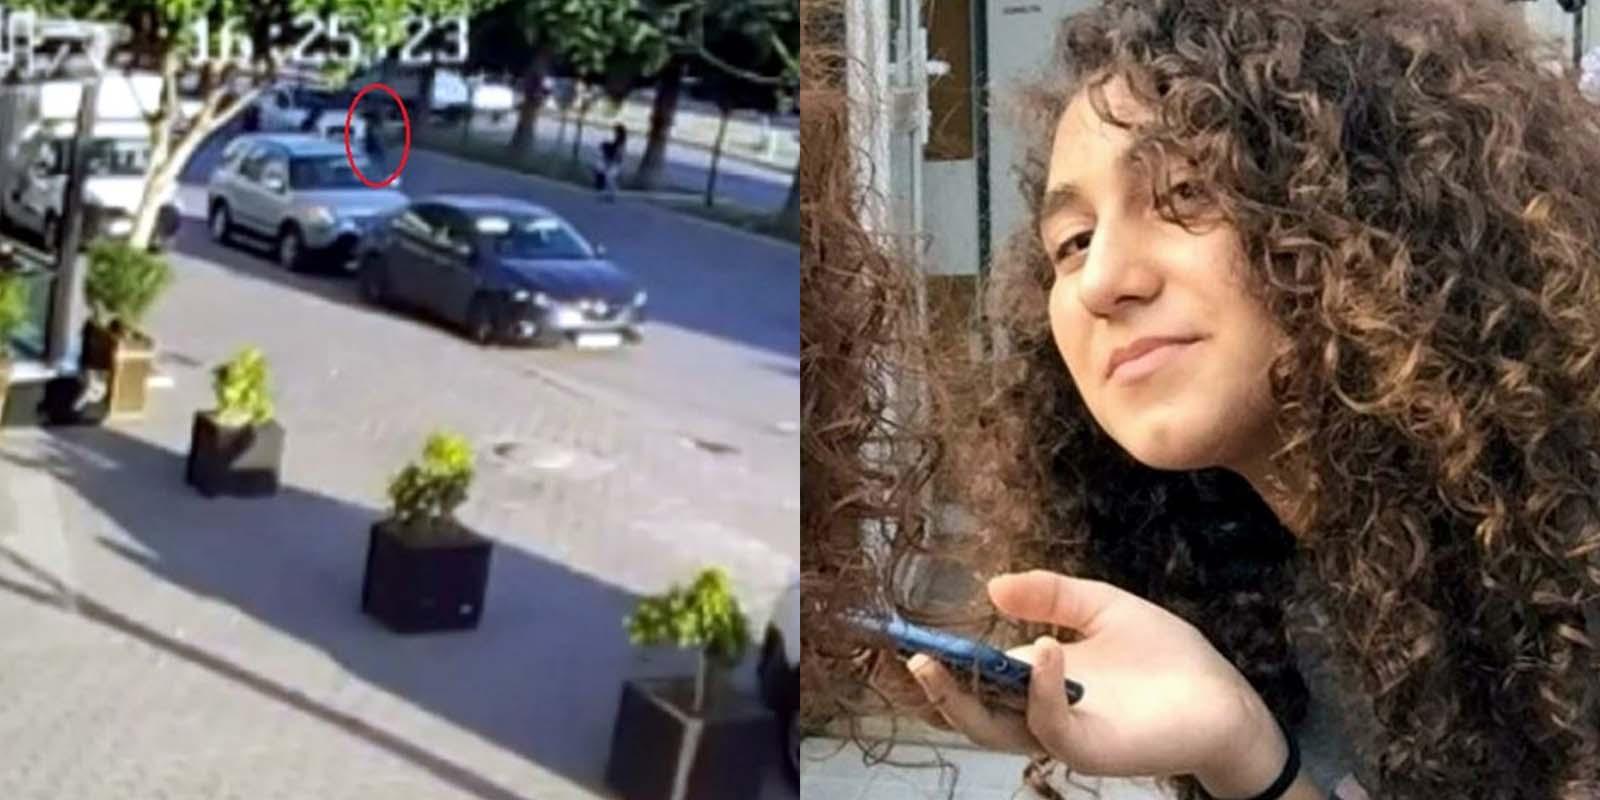 14 yaşındaki Leyla Sever'e çarparak ölümüne neden olmuştu: Nesrin Bugan'a 4,5 yıl hapis cezası verildi